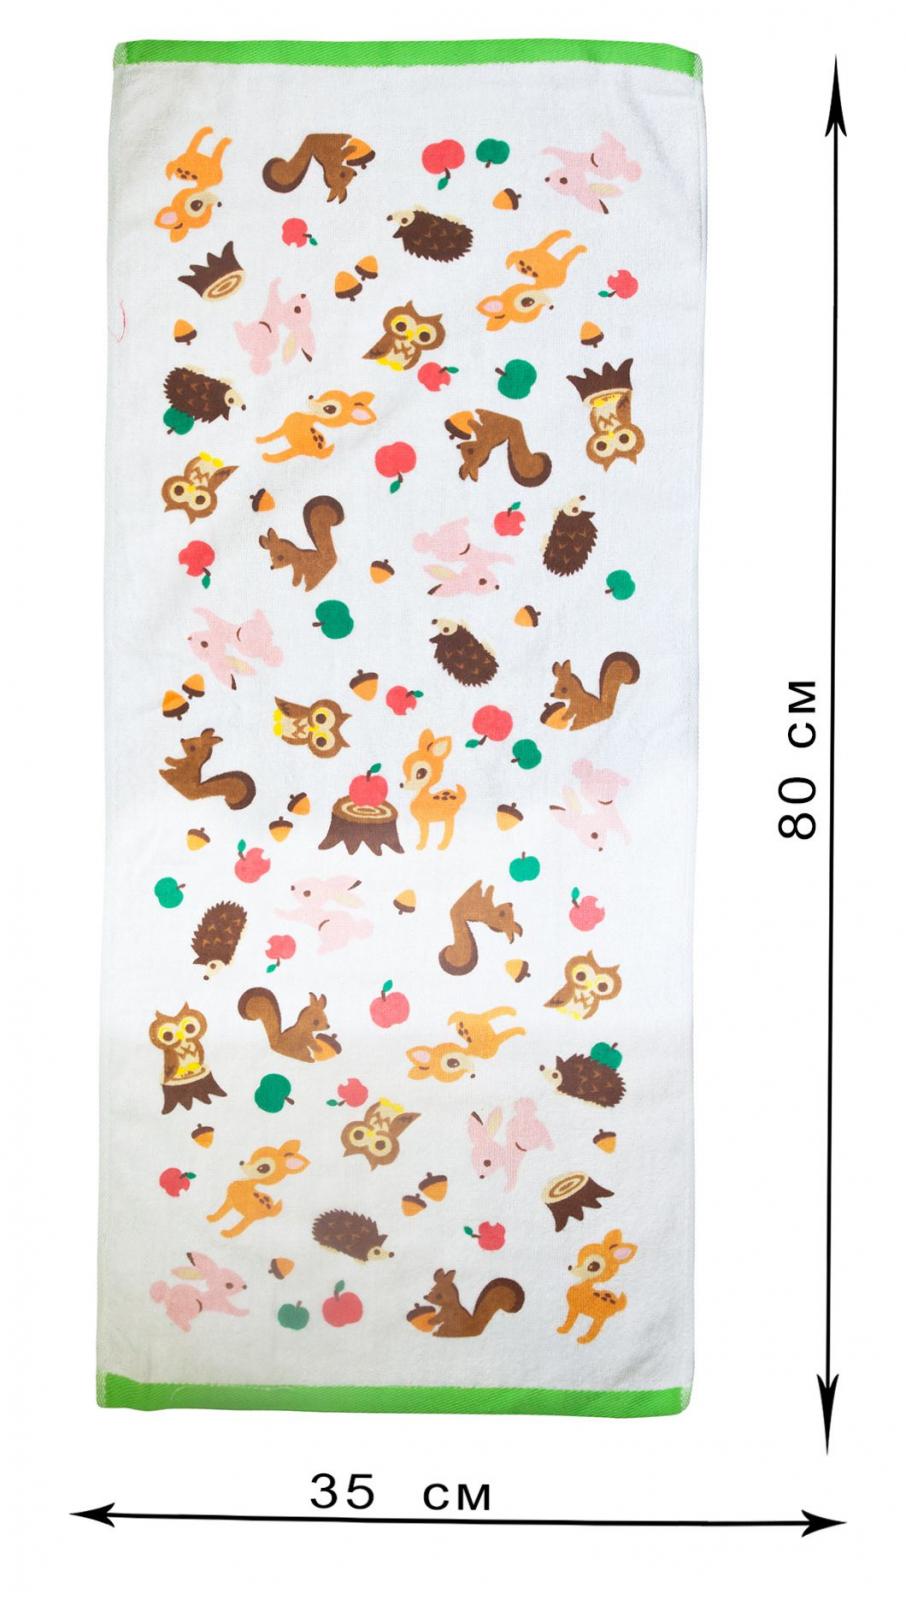 Полотенце для детского сада по низкой цене